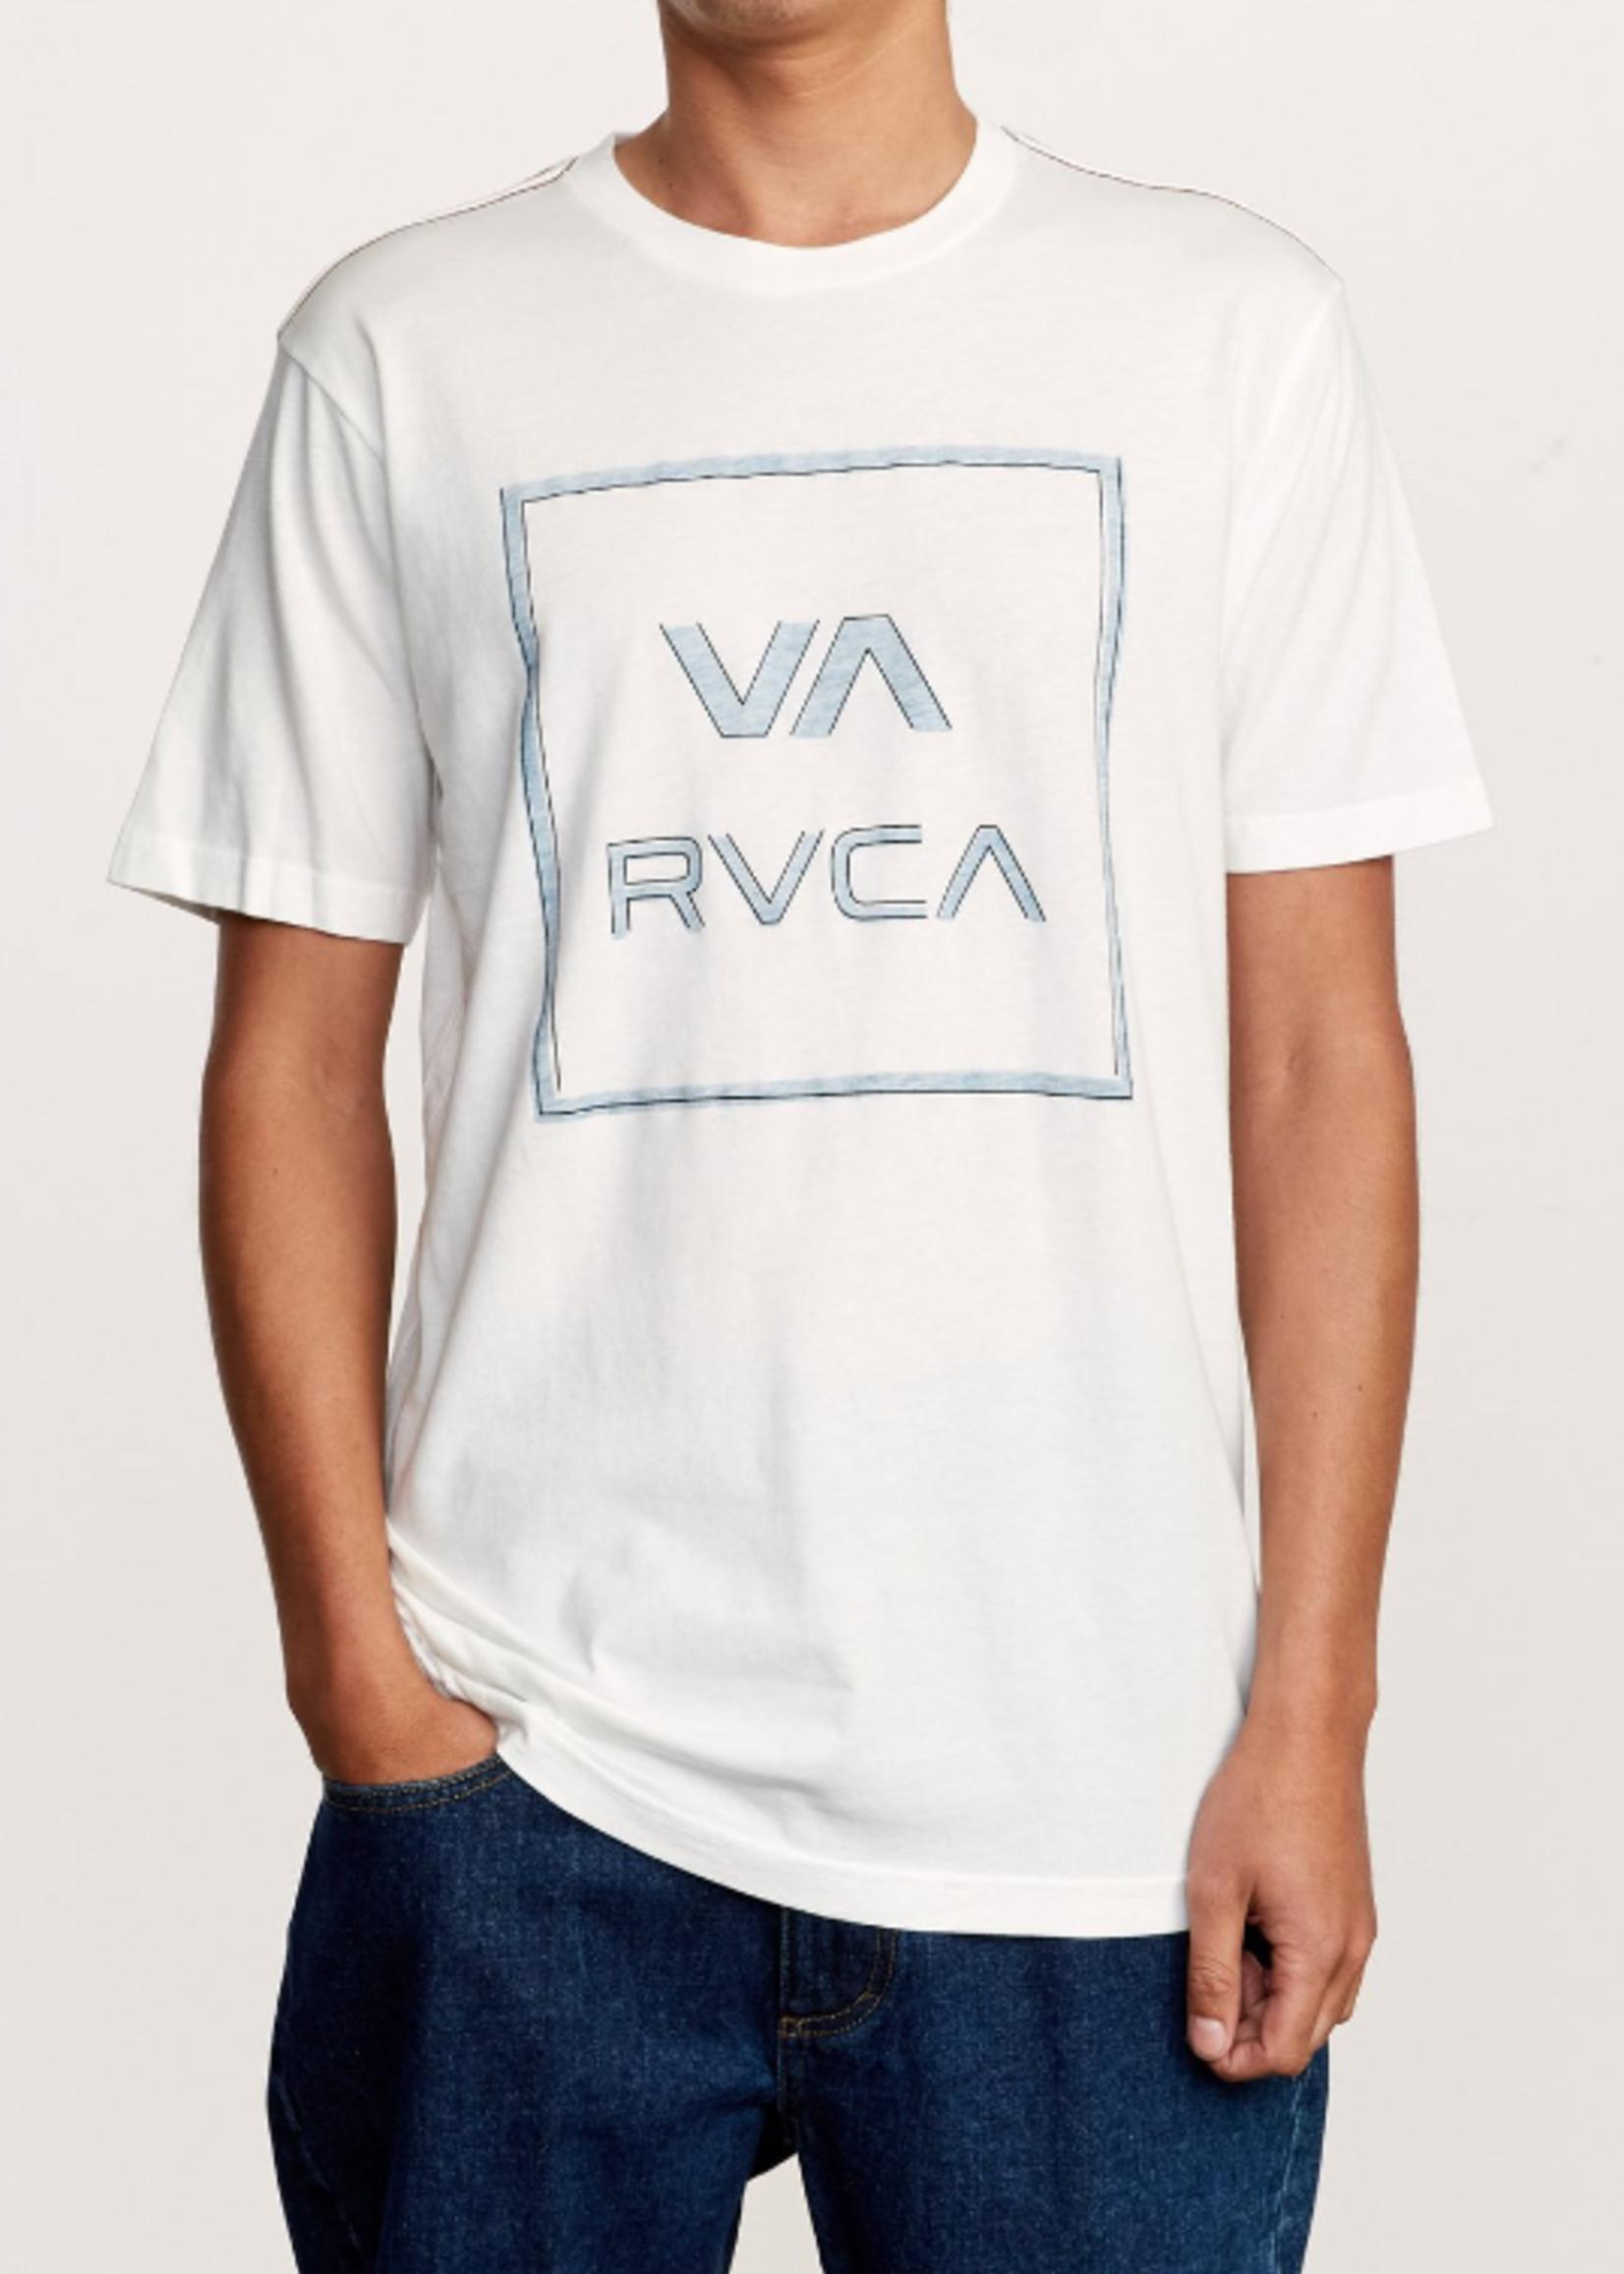 RVCA Unregistered Tee – Antique White